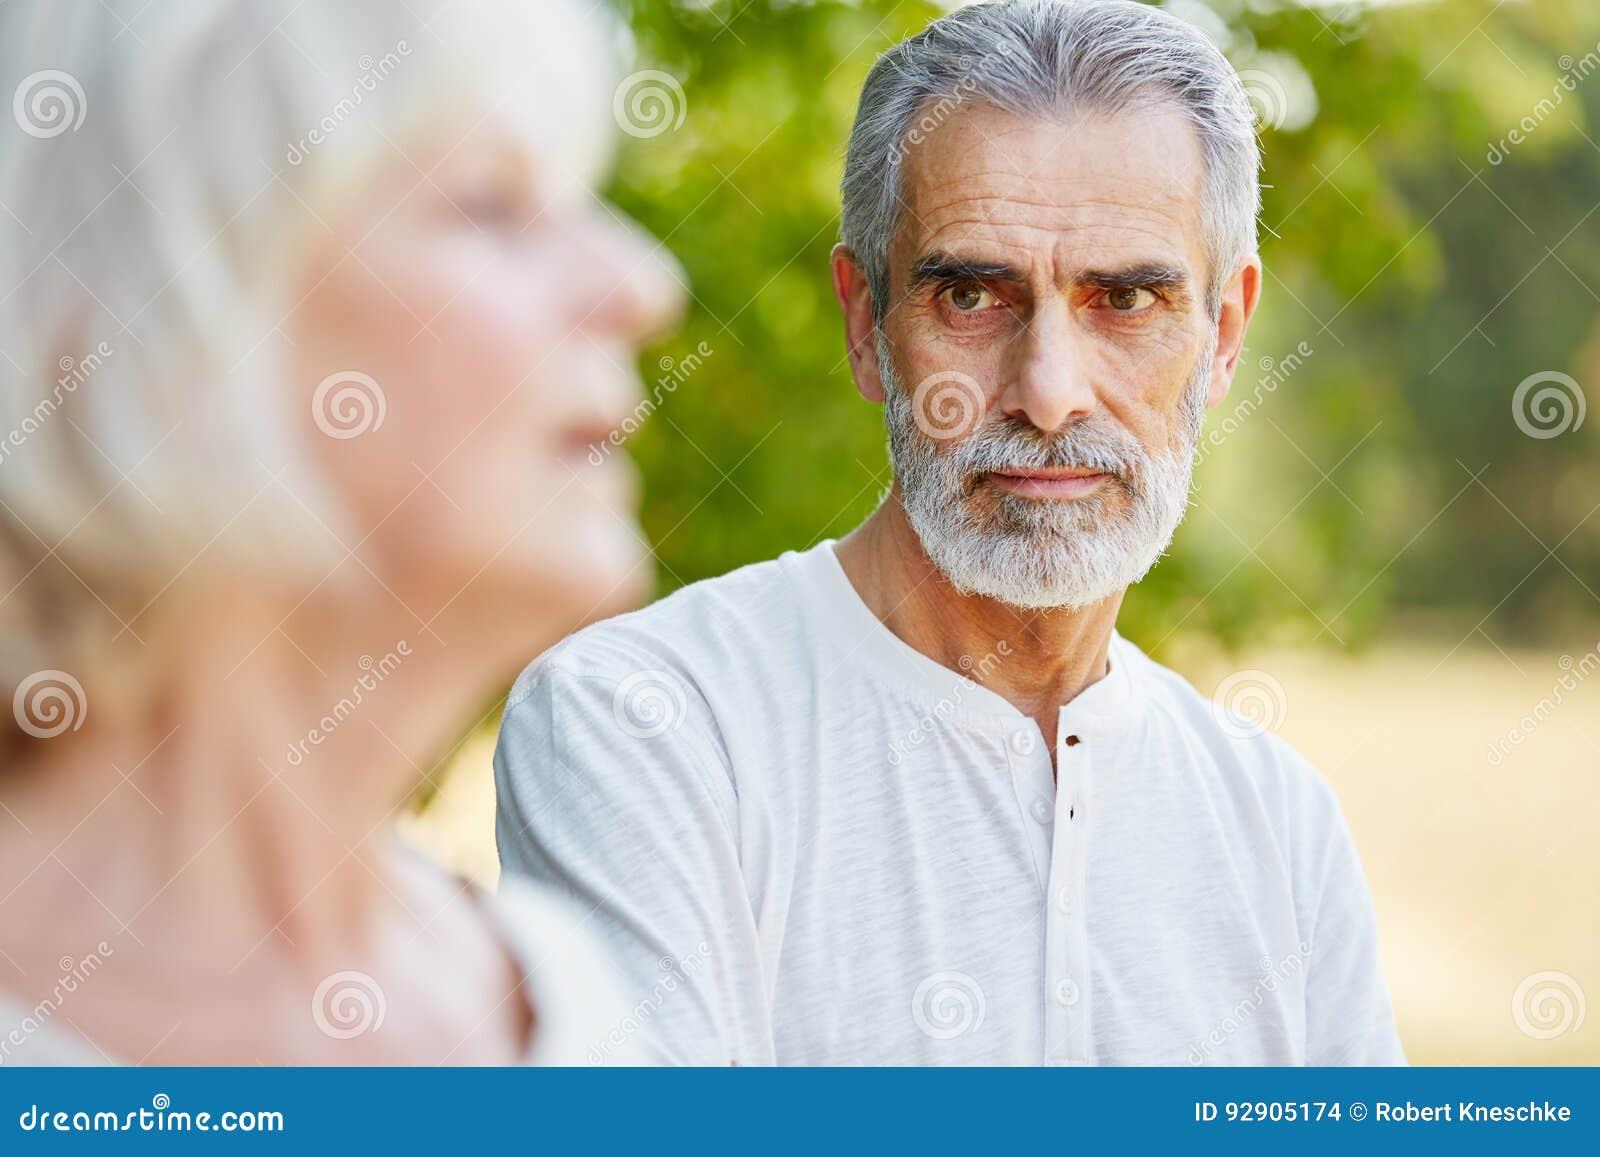 Women staring at men